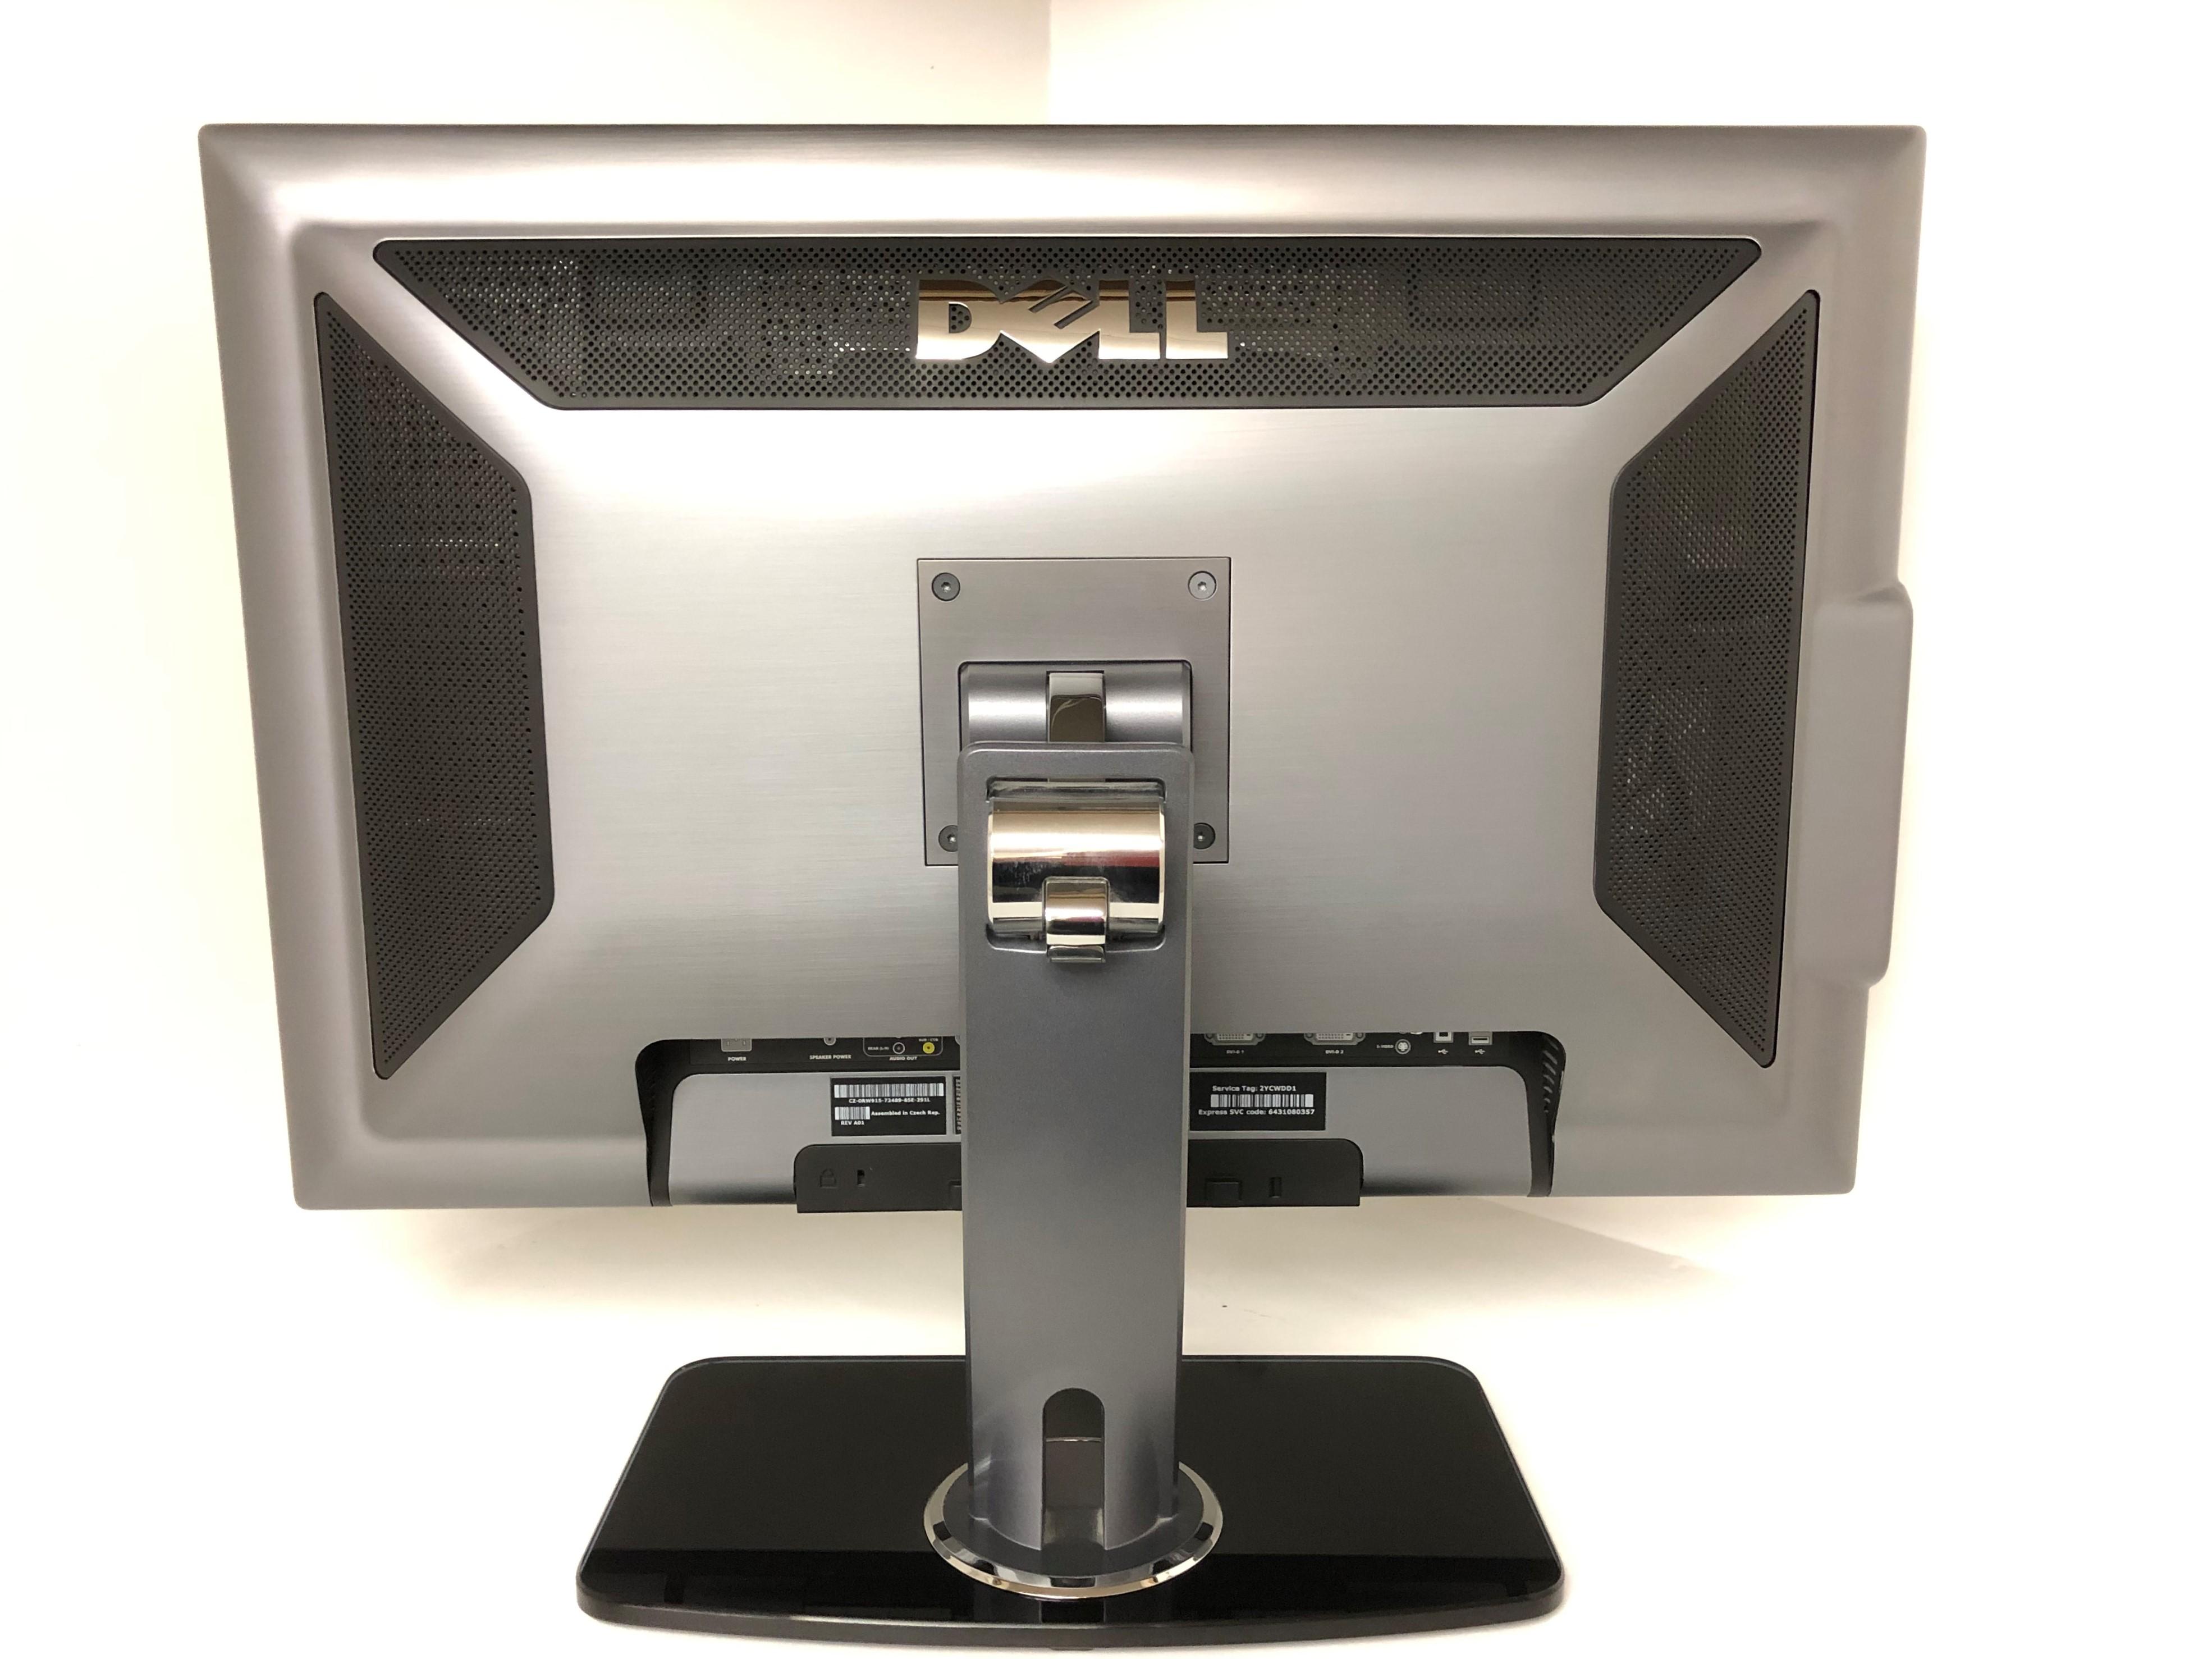 Dell 3008WFPt No 3